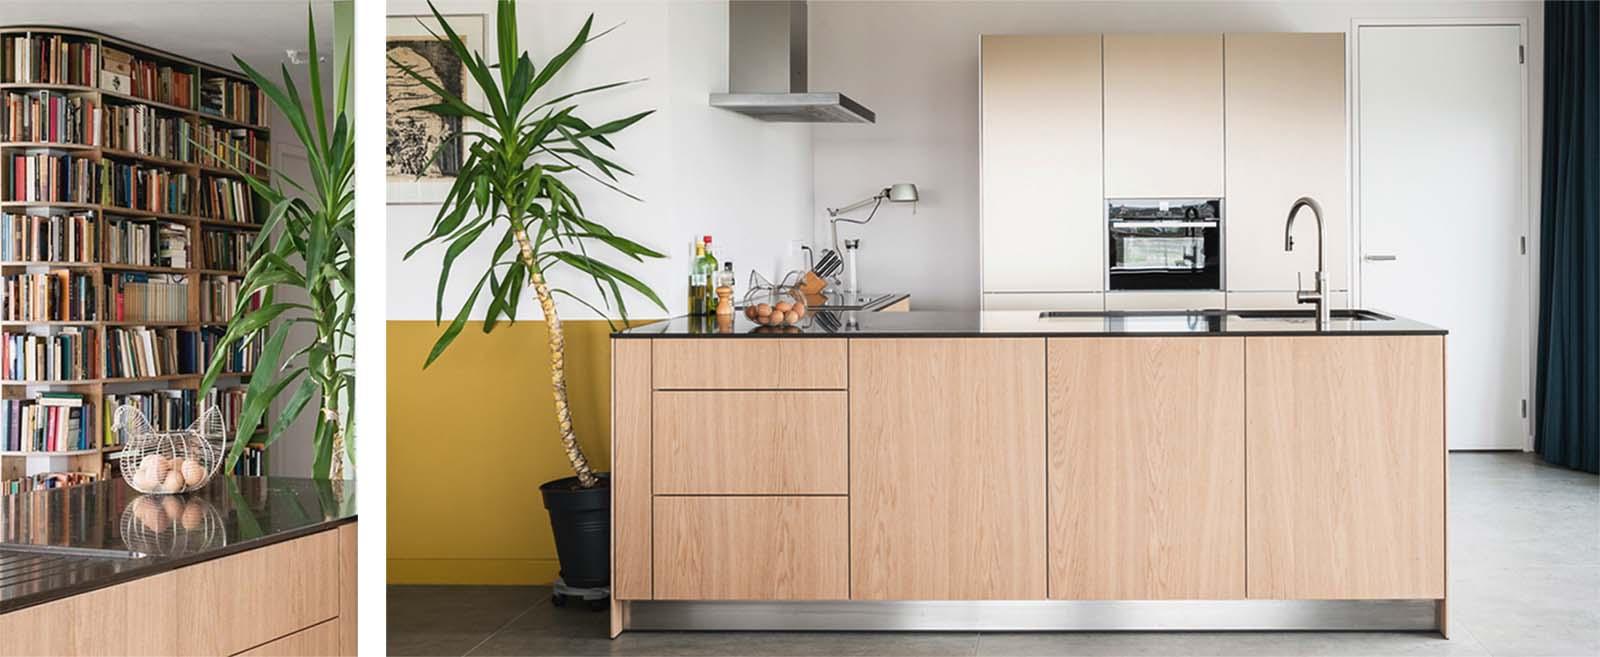 open keuken na verhuizing naar een nieuwbouw appartement